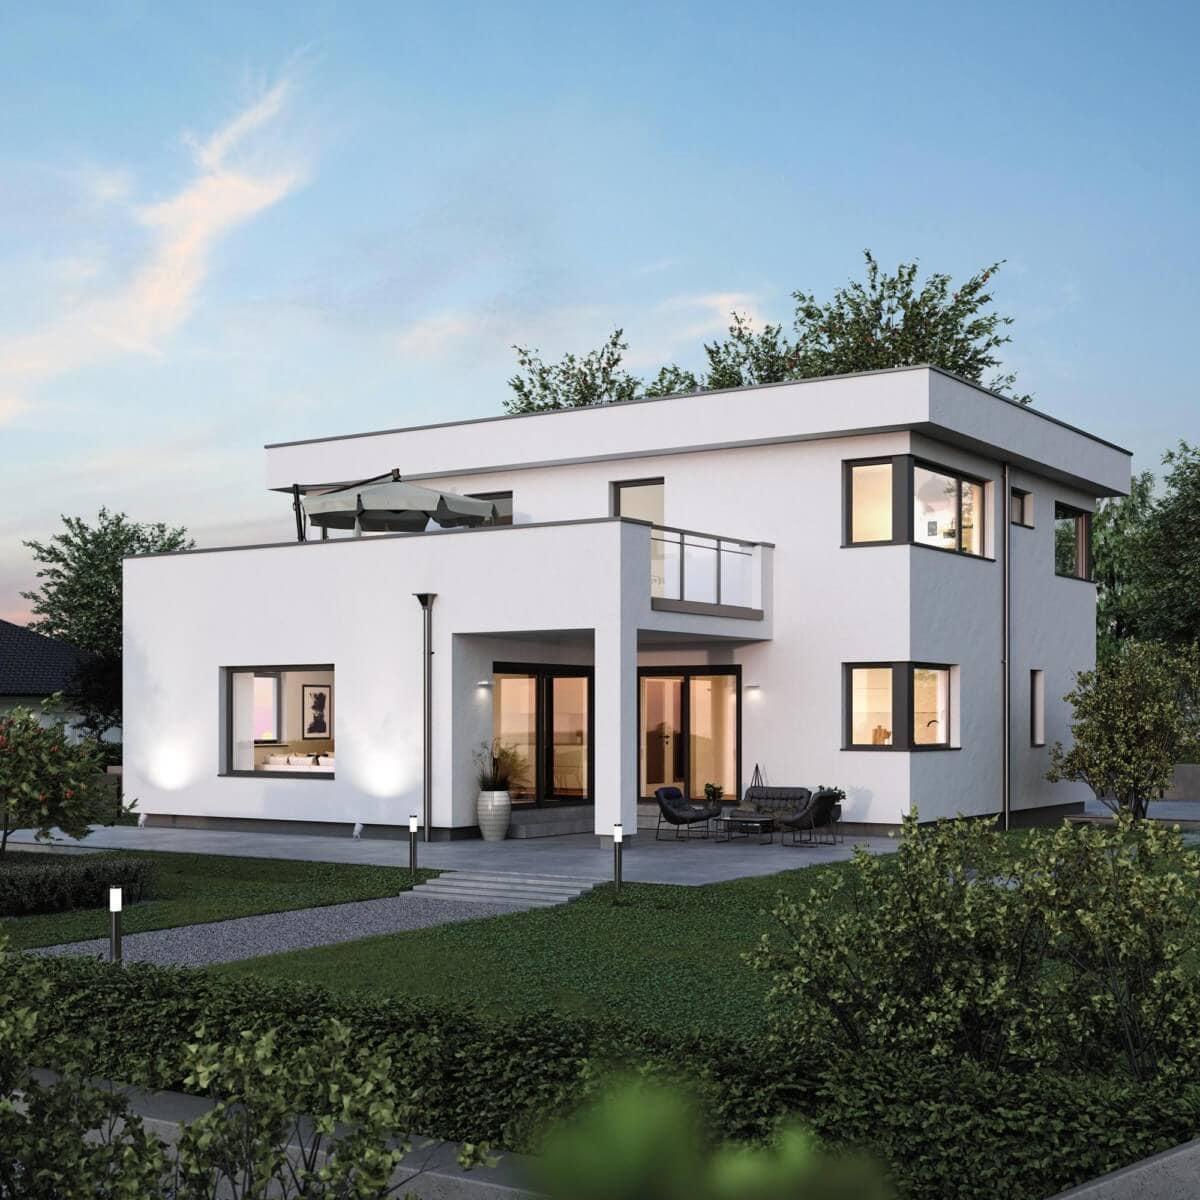 Einfamilienhaus modern mit Flachdach Architektur im Bauhausstil bauen - Haus Design Ideen Fertighaus ELK Haus 186 - HausbauDirekt.de